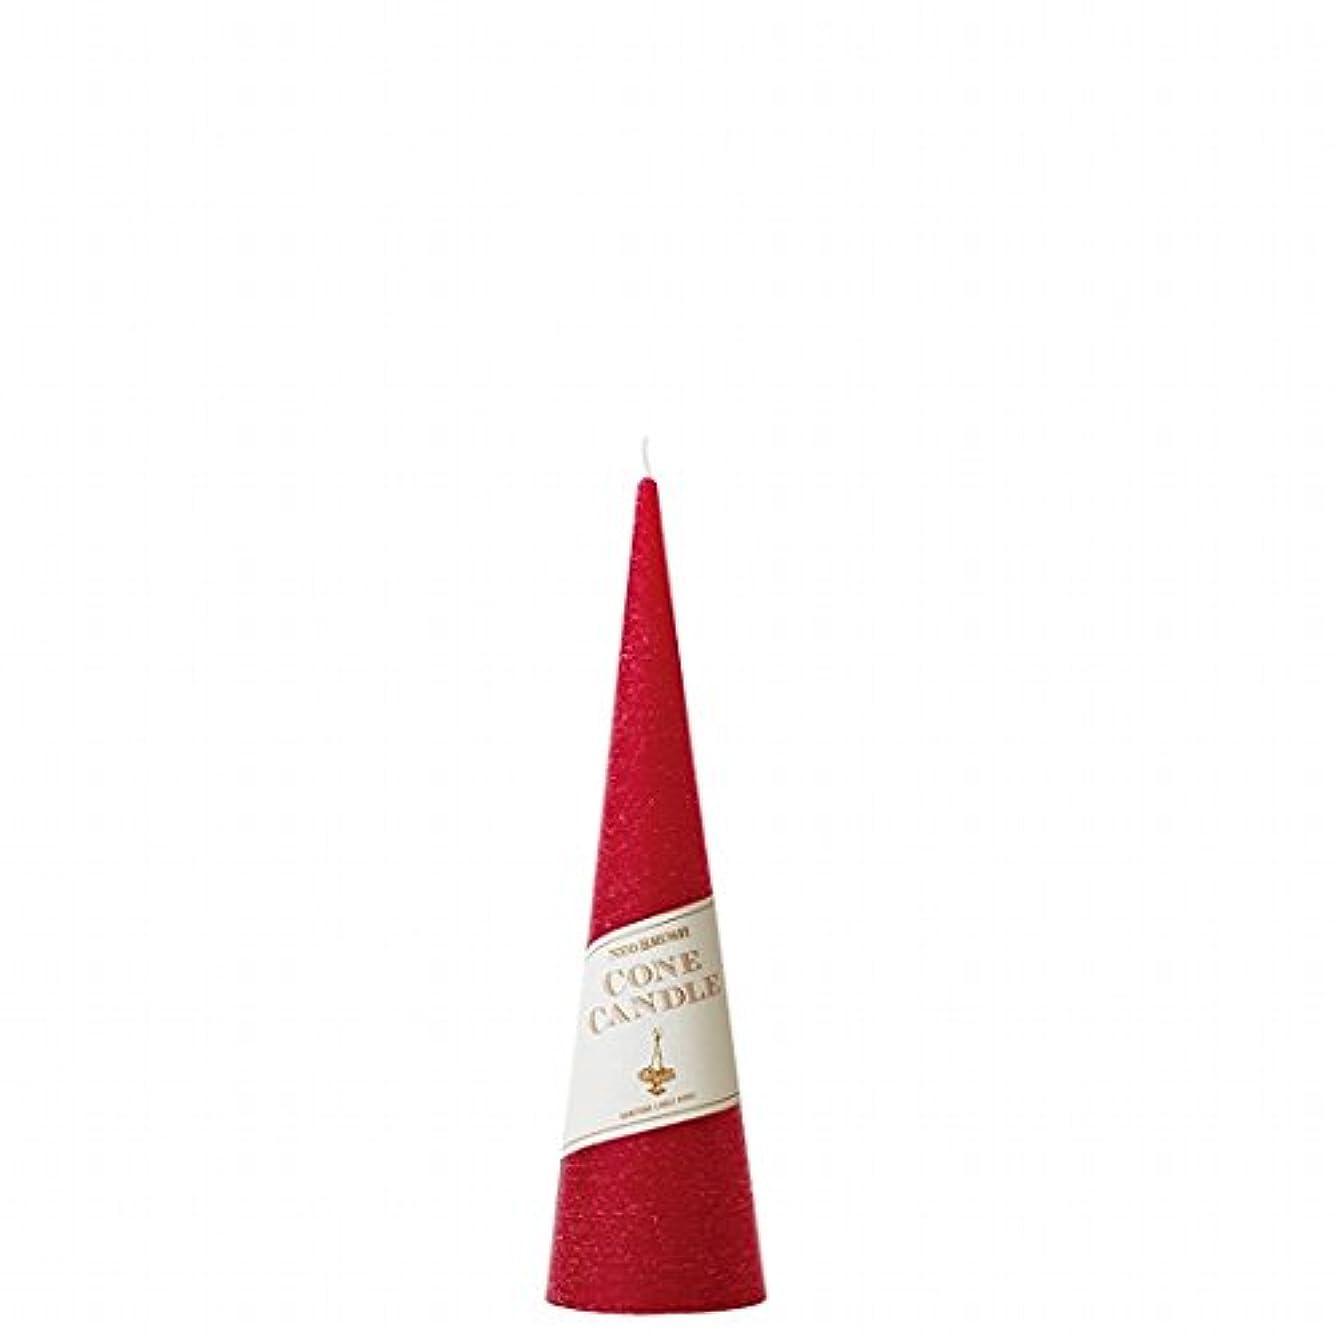 参照彼らのものなぞらえるkameyama candle(カメヤマキャンドル) ネオブラッシュコーン 180 キャンドル 「 レッド 」(A9750010R)